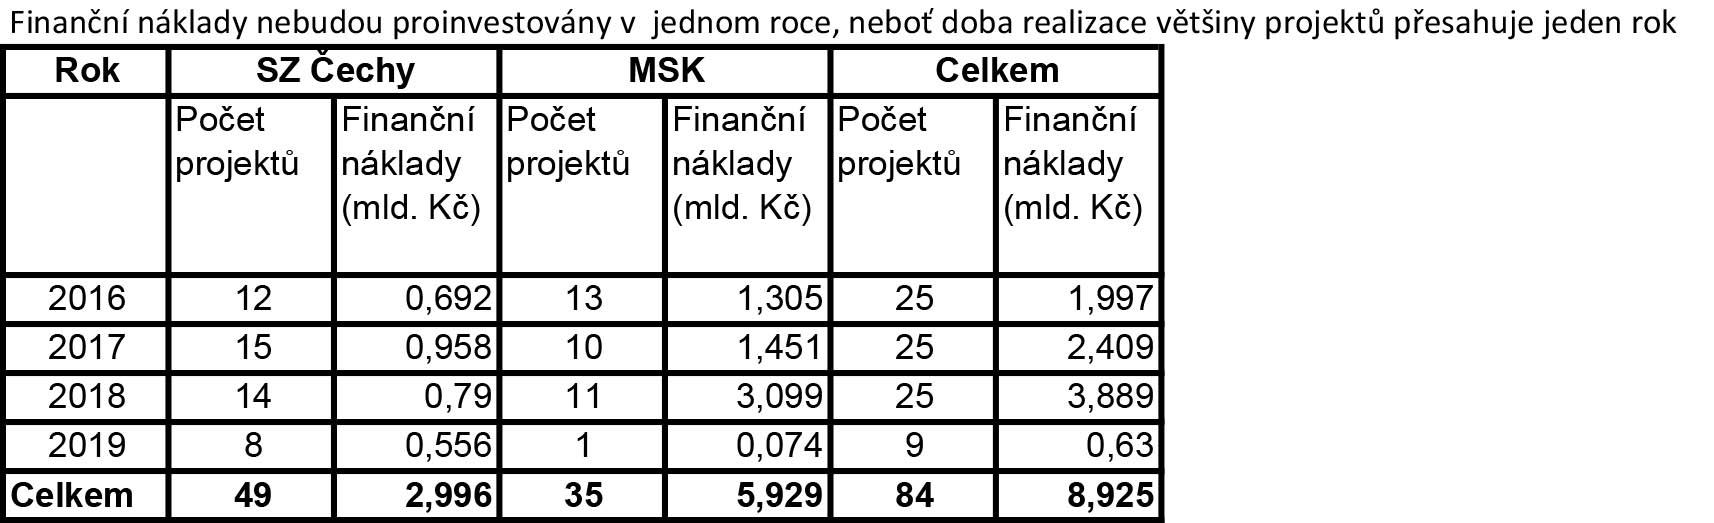 revitalizace tabulka_1